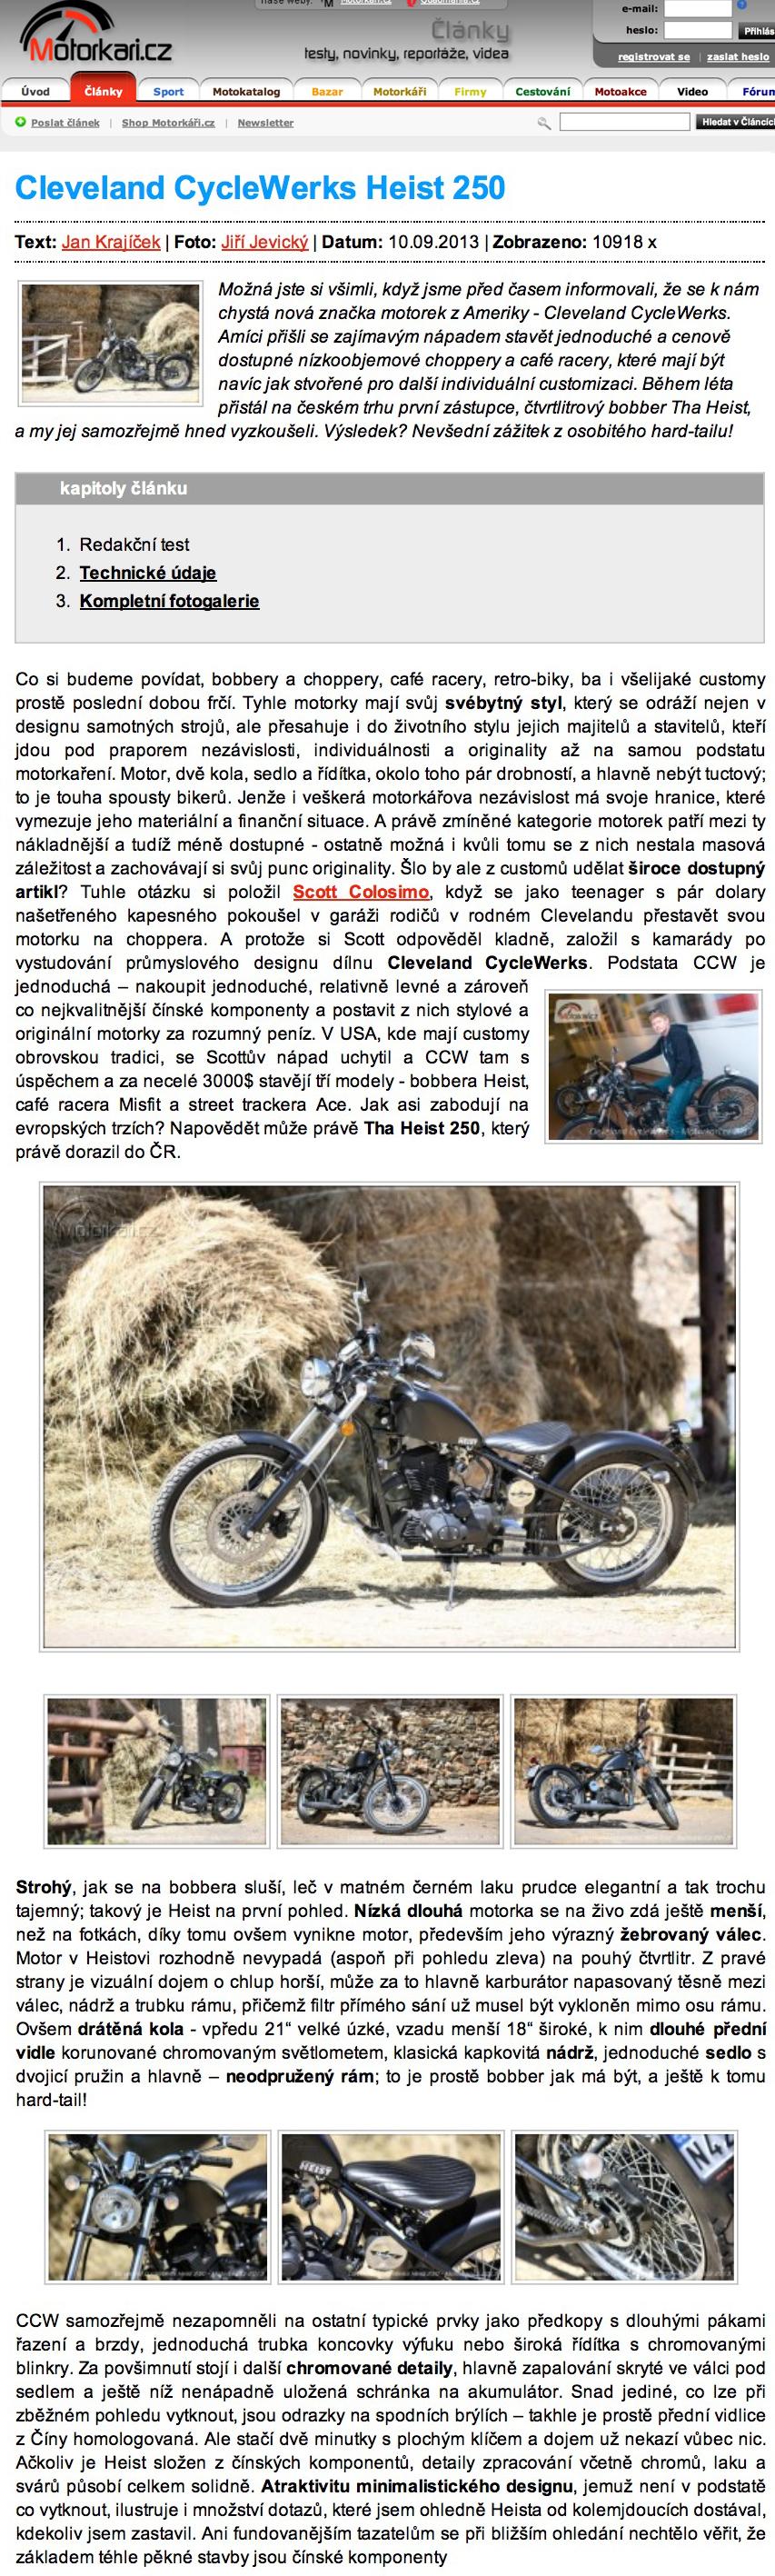 Motorkari.cz-2013-Heist-Czech-01.jpg